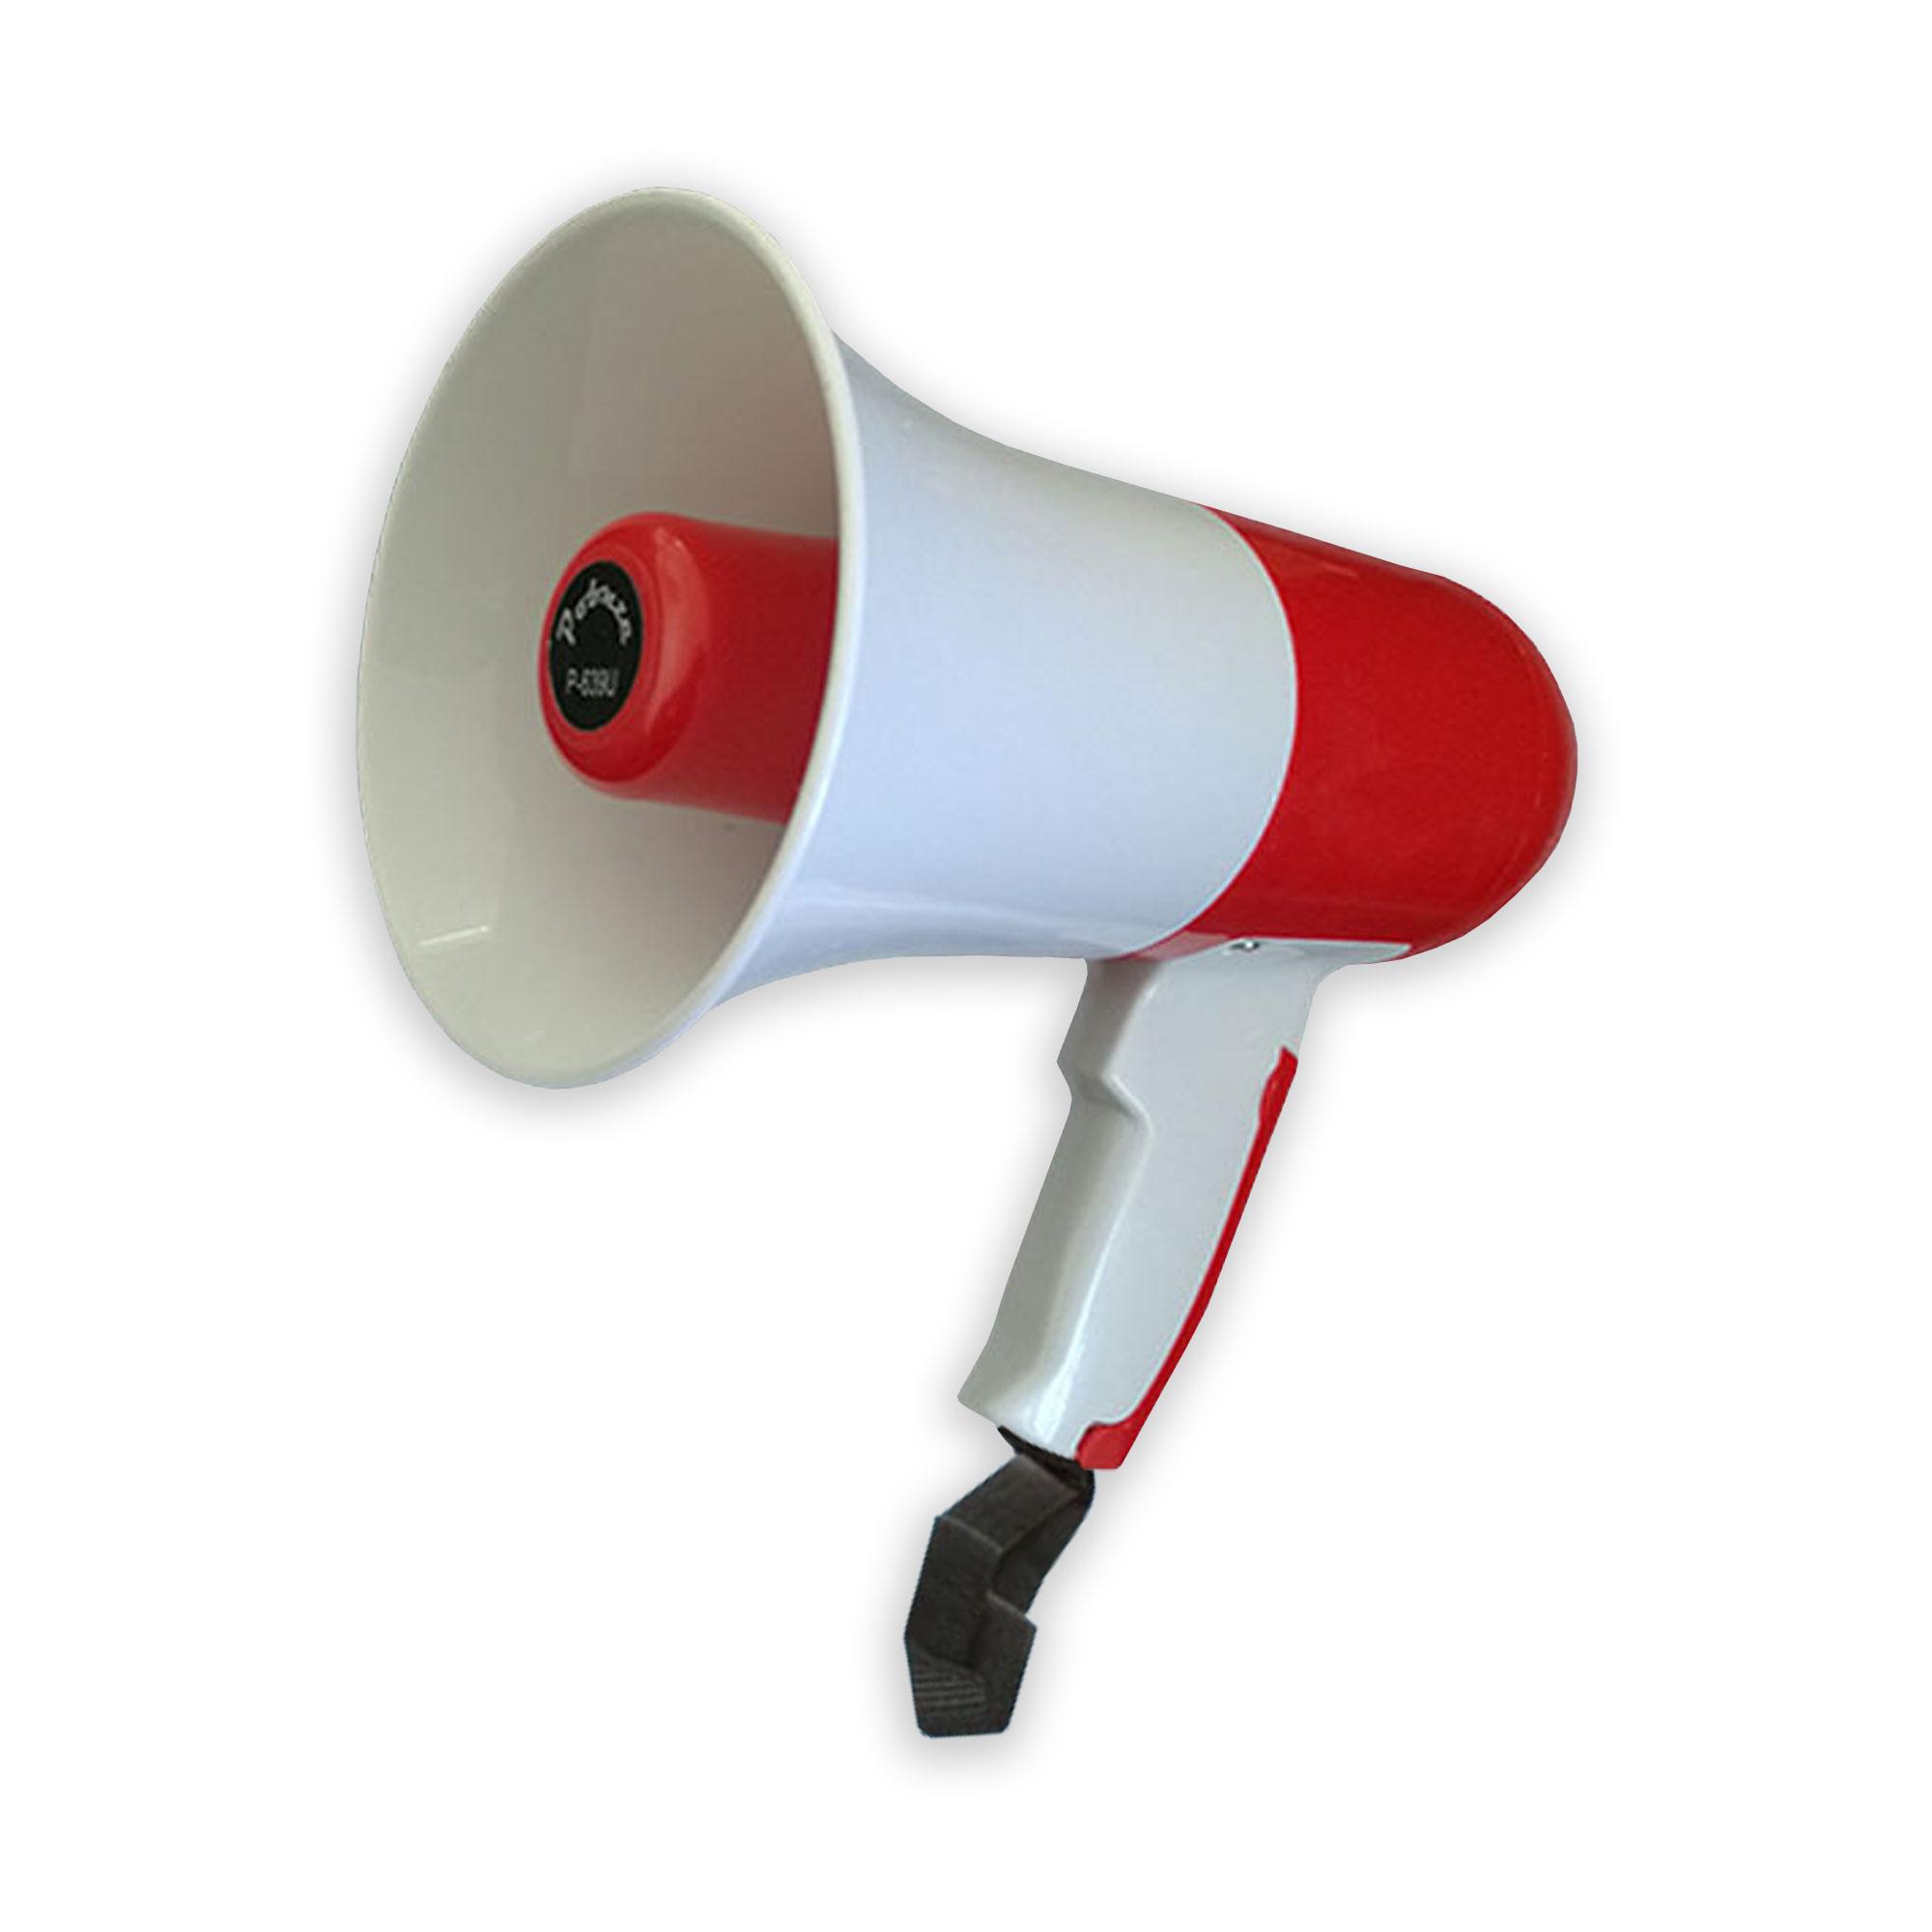 Loa Phóng Đại Âm Thanh - KhoNCC Hàng Chính Hãng – Loại Megaphone Tạo Âm Lớn Phù Hợp Cho Cổ Vũ, Truyền Thông, Bán Rong - KDHS-5792-LoaCT (Màu ngẫu nhiên)